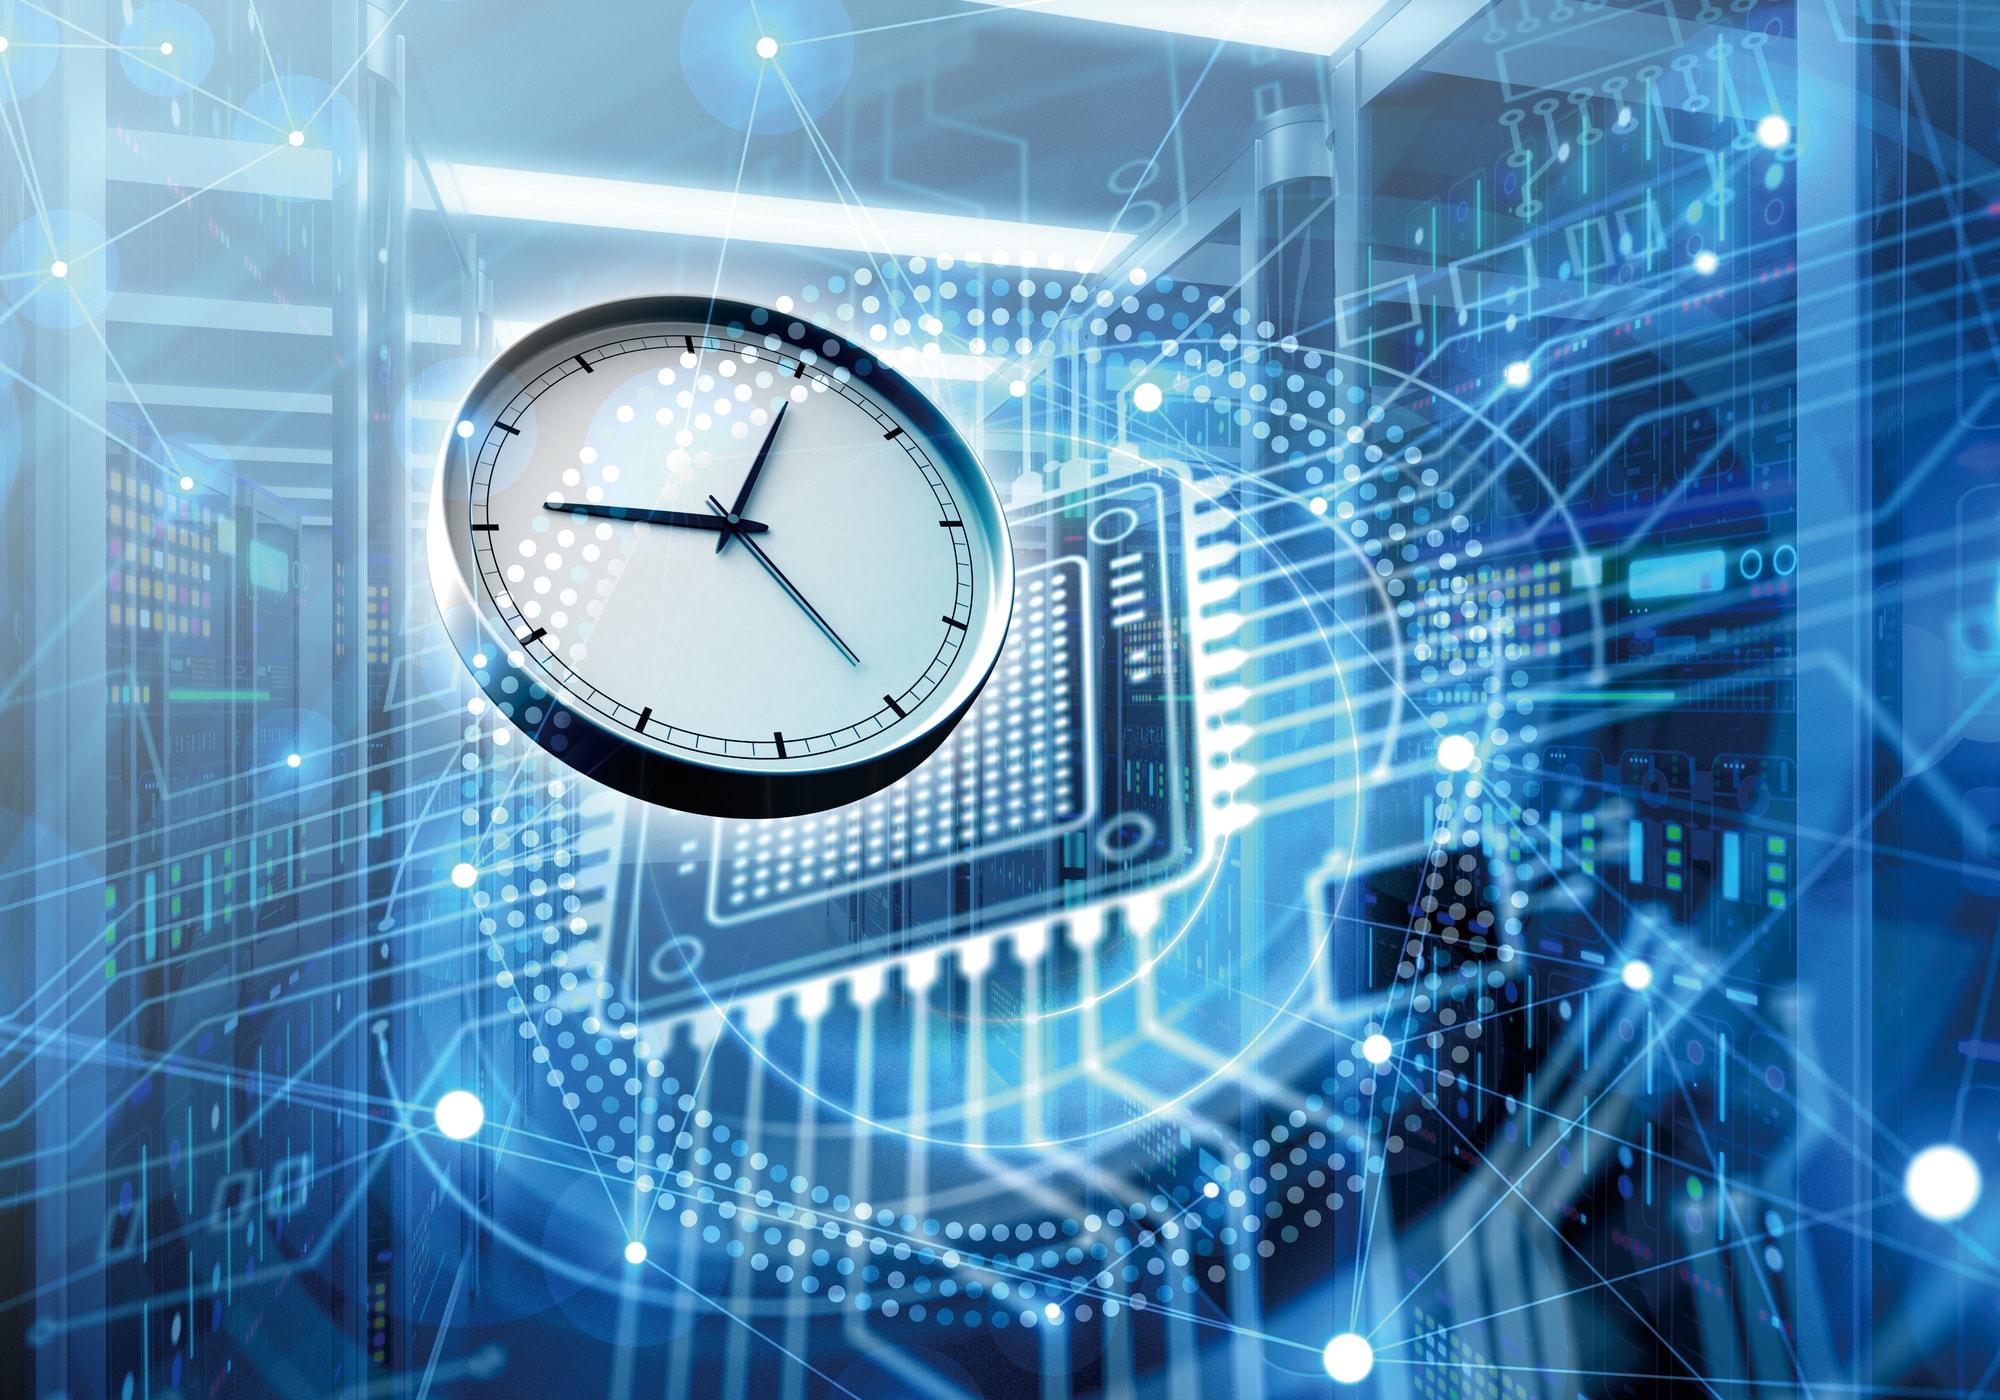 エンジニアになるための勉強時間はどのくらい?勉強時間を短縮する6つの方法のアイキャッチイメージ